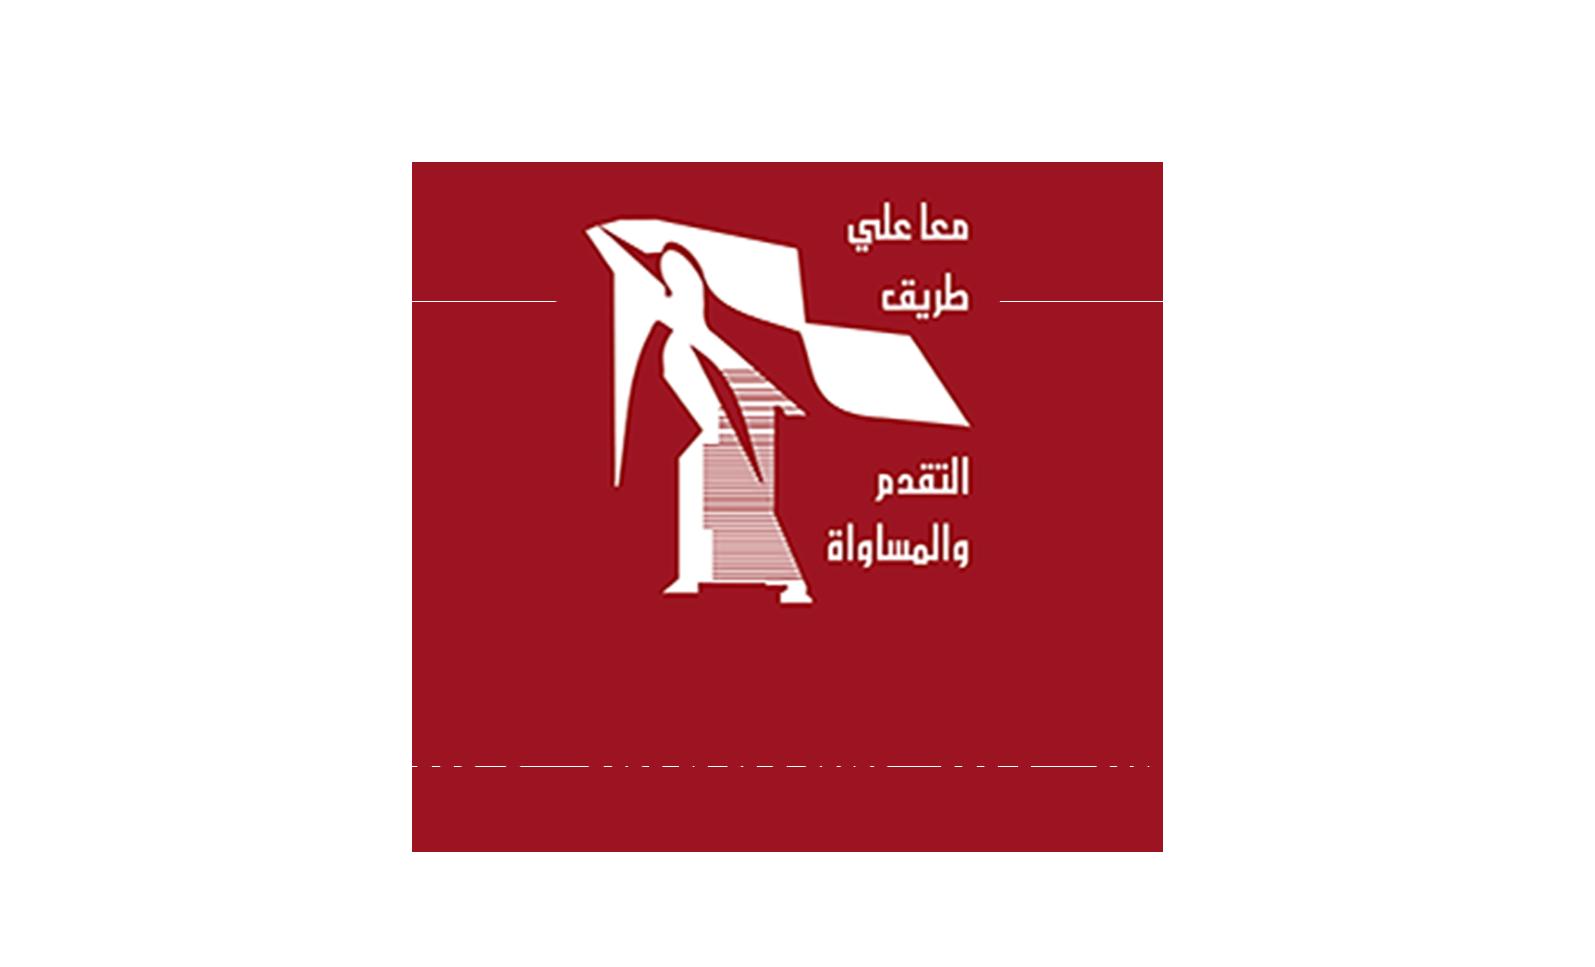 المرأة الفلسطينية الاحتلال والفقدان- شمال قطاع غزة.